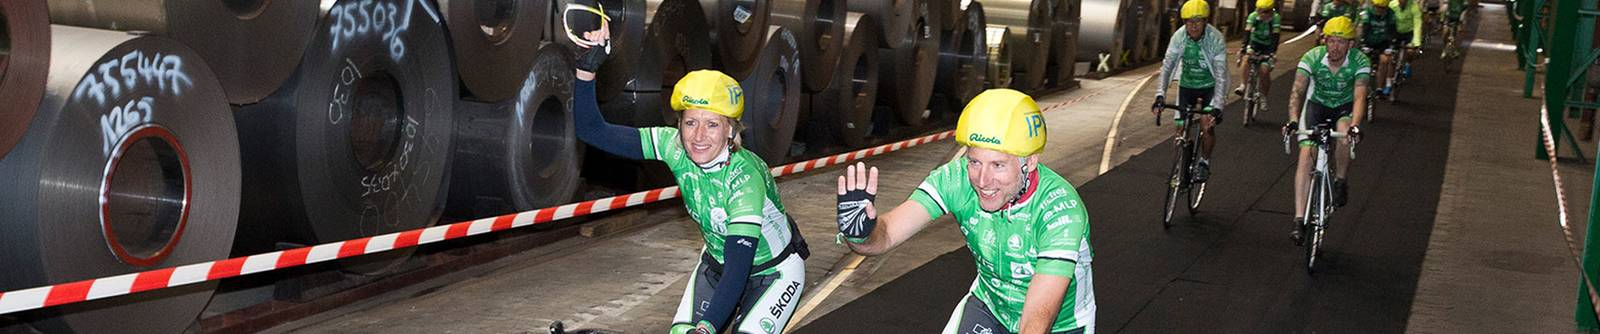 Radfahrer durchfahren das Hagener Werk von Waelzholz im Rahmen des Benefiz-Events Tour der Hoffnung.